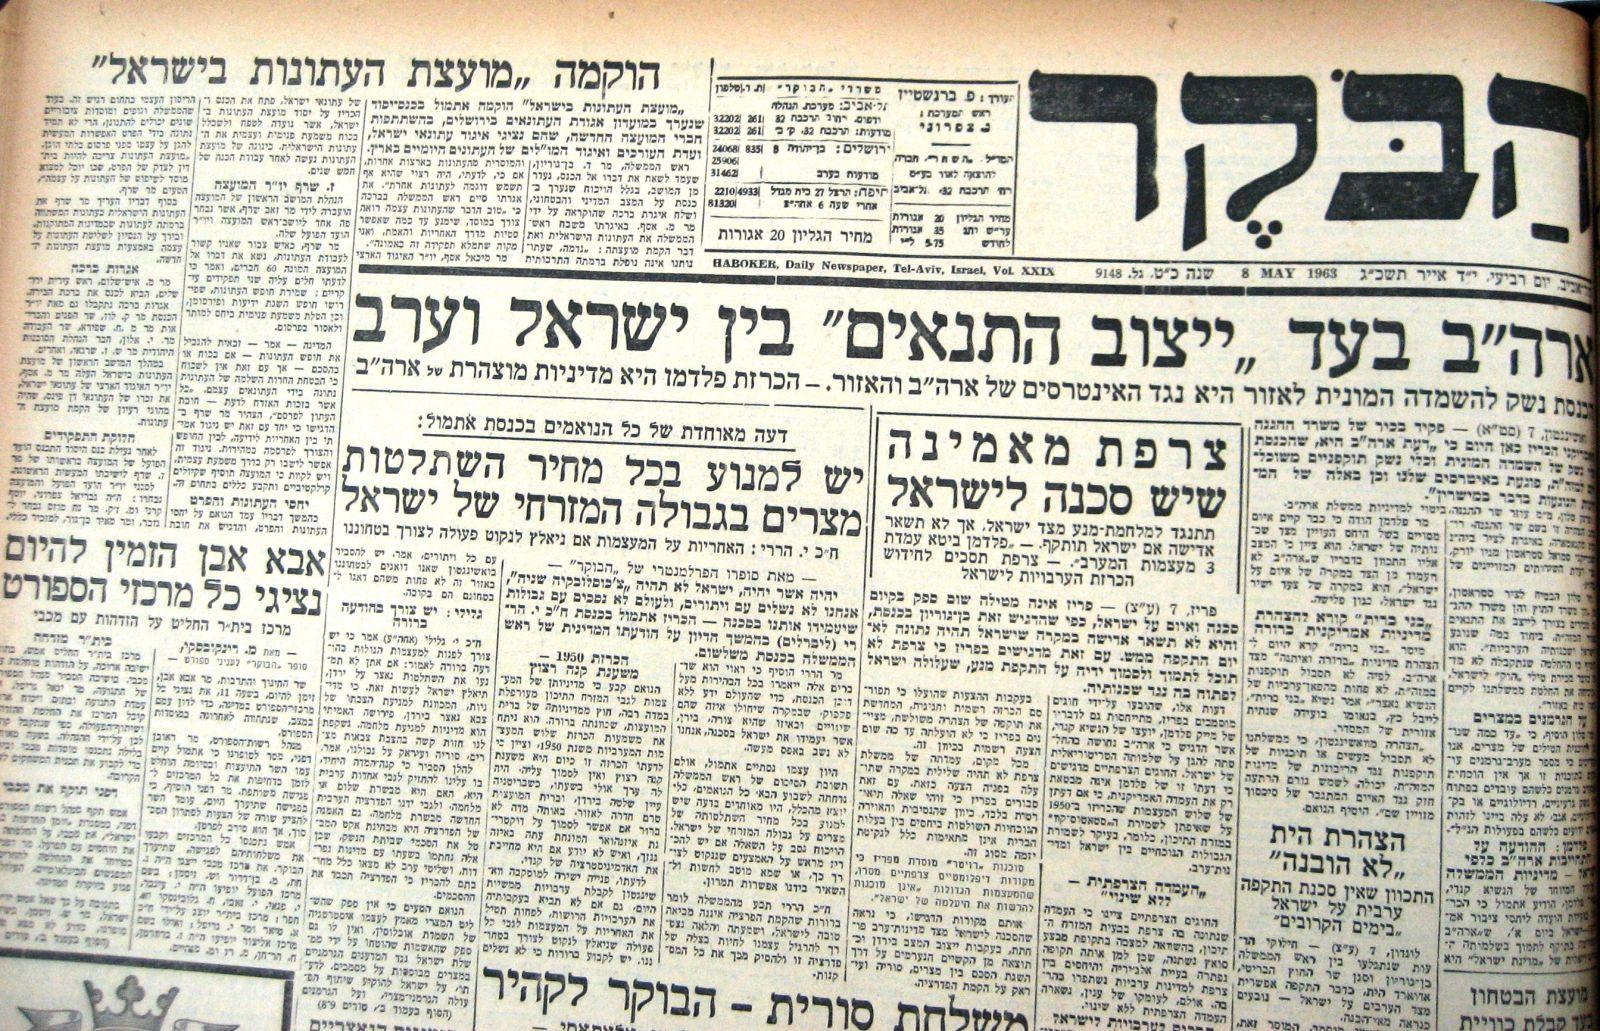 """""""הוקמה מועצת העיתונות בישראל"""", עמוד ראשון, """"הבוקר"""", 8 במאי 1963"""